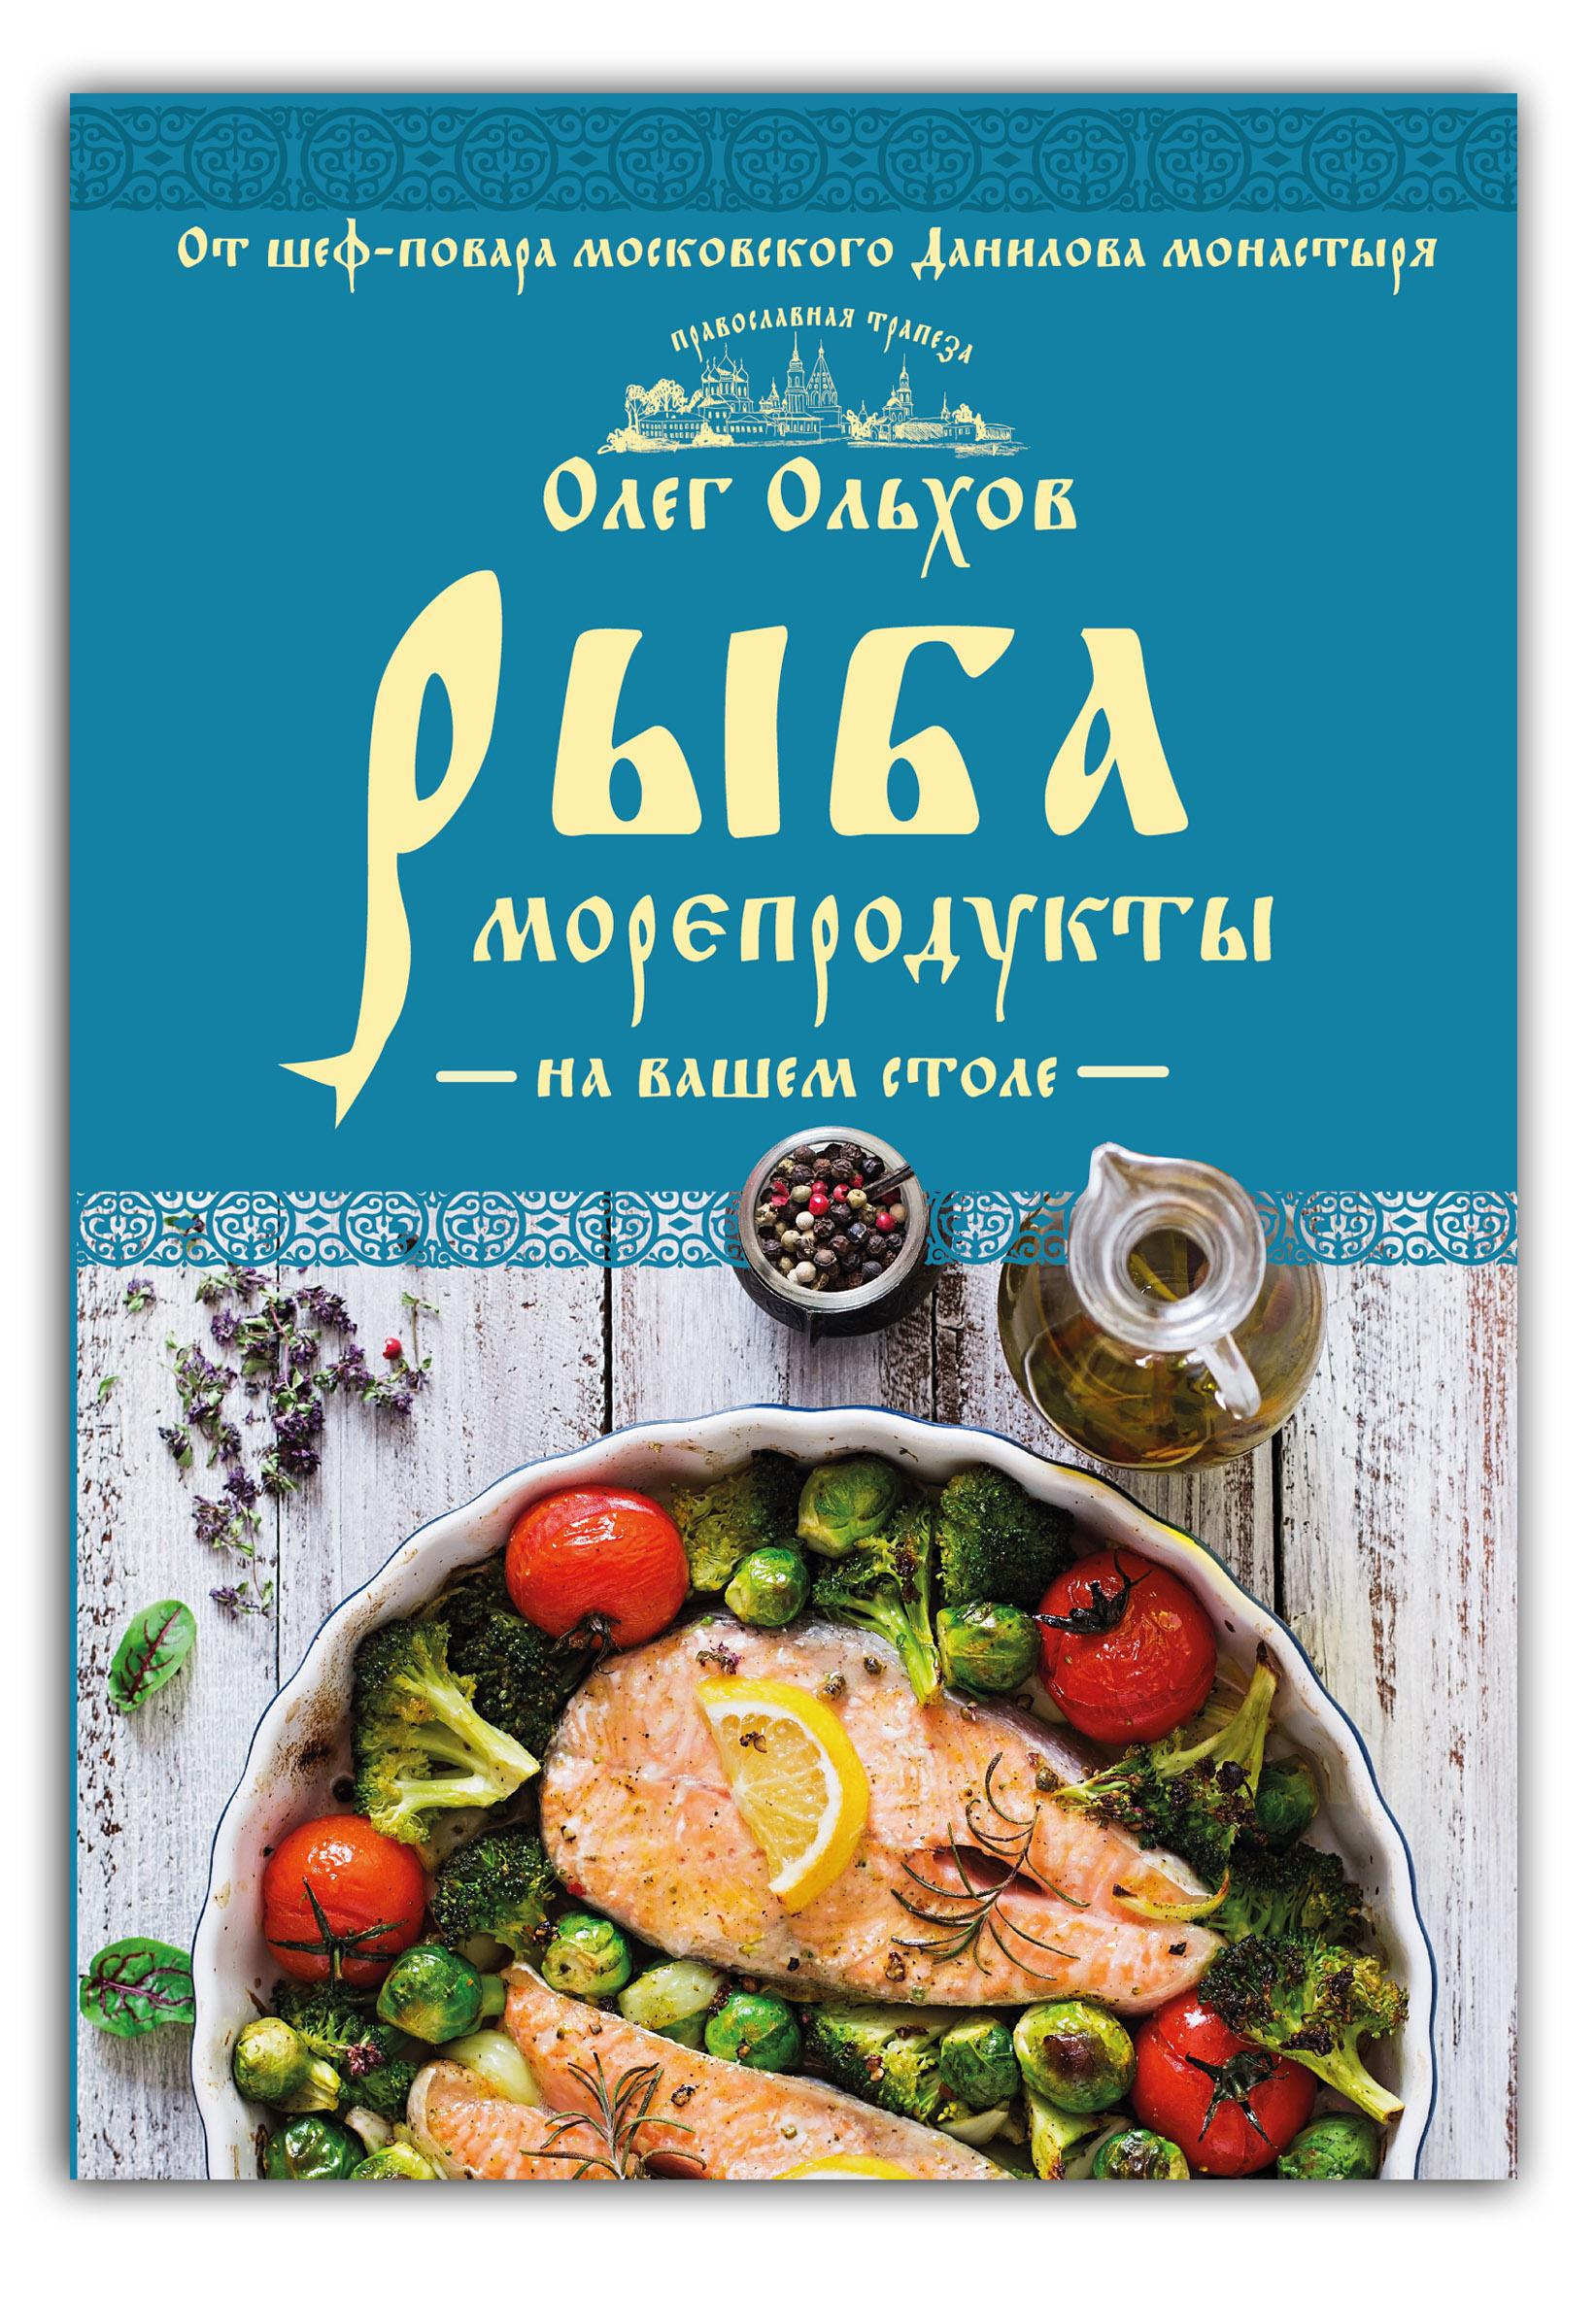 Олег Ольхов Рыба. Морепродукты на вашем столе. Салаты, закуски, супы, второе олег ольхов праздничные блюда на вашем столе